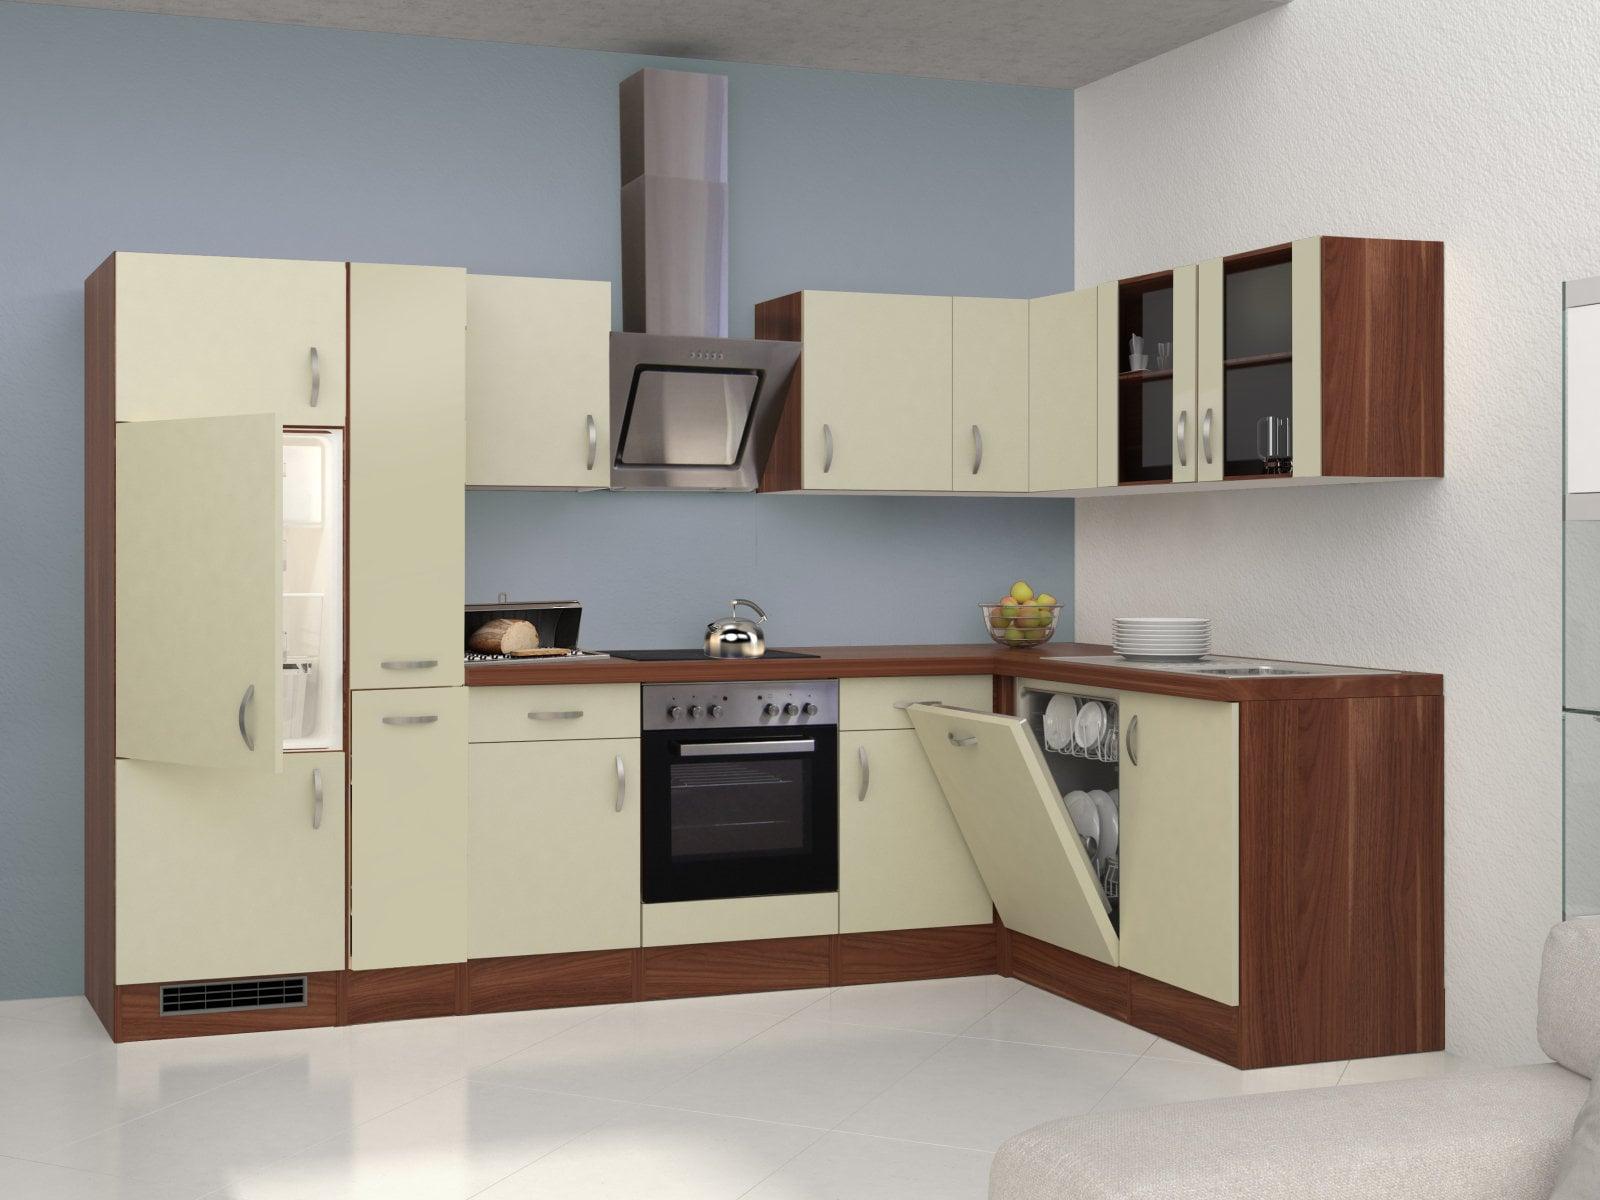 Full Size of Was Kostet Eine Küche Im Durchschnitt Was Kostet Eine Küche Pro Meter Was Kostet Eine Küche Vom Schreiner Was Kostet Eine Küche Mit Elektrogeräten Küche Was Kostet Eine Küche